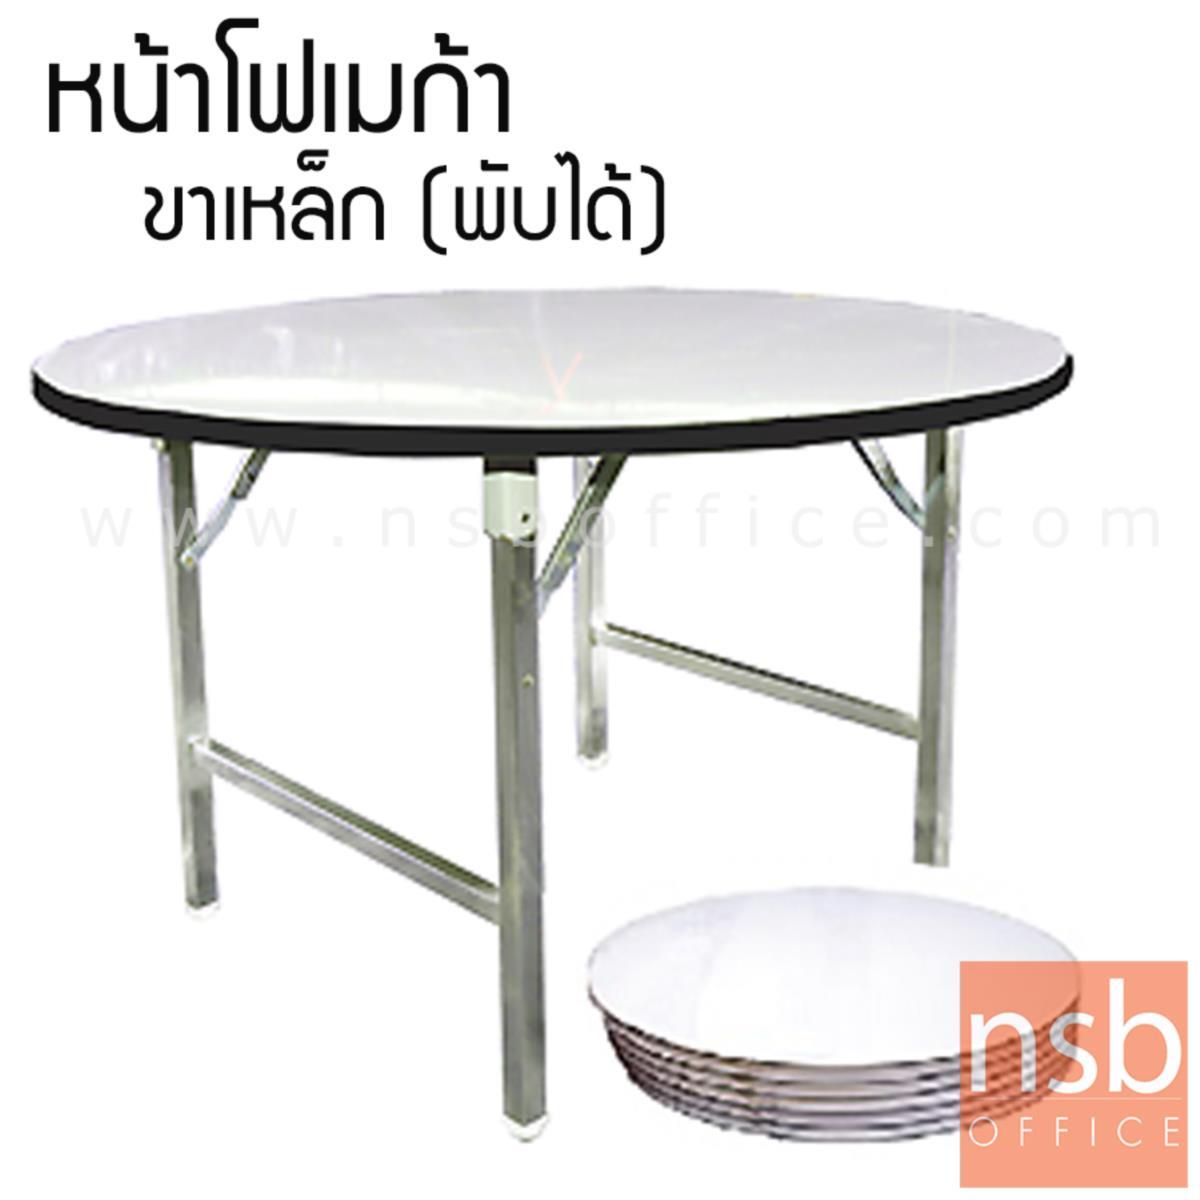 A07A008:โต๊ะพับกลม หน้าโฟเมก้าขาว รุ่น Keynes (เคนส์) ขนาด 3, 4 ,5 ,6 ฟุต ขาชุบโครเมี่ยม